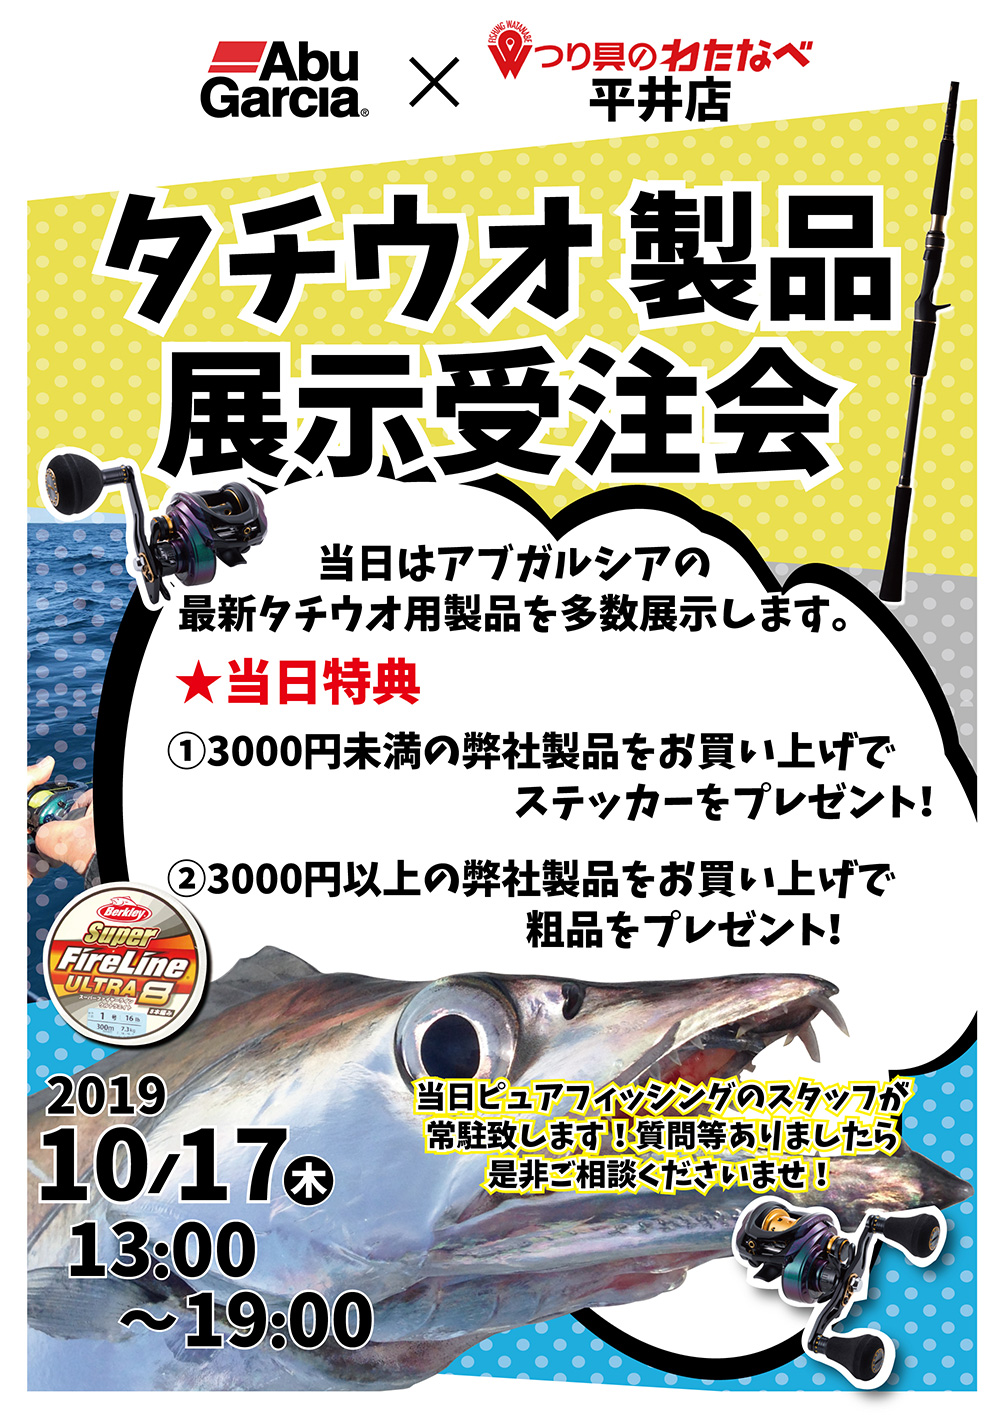 10月17日(木)、AbuGarcia×つり具のわたなべ 平井店「タチウオ製品展示即売会」開催!